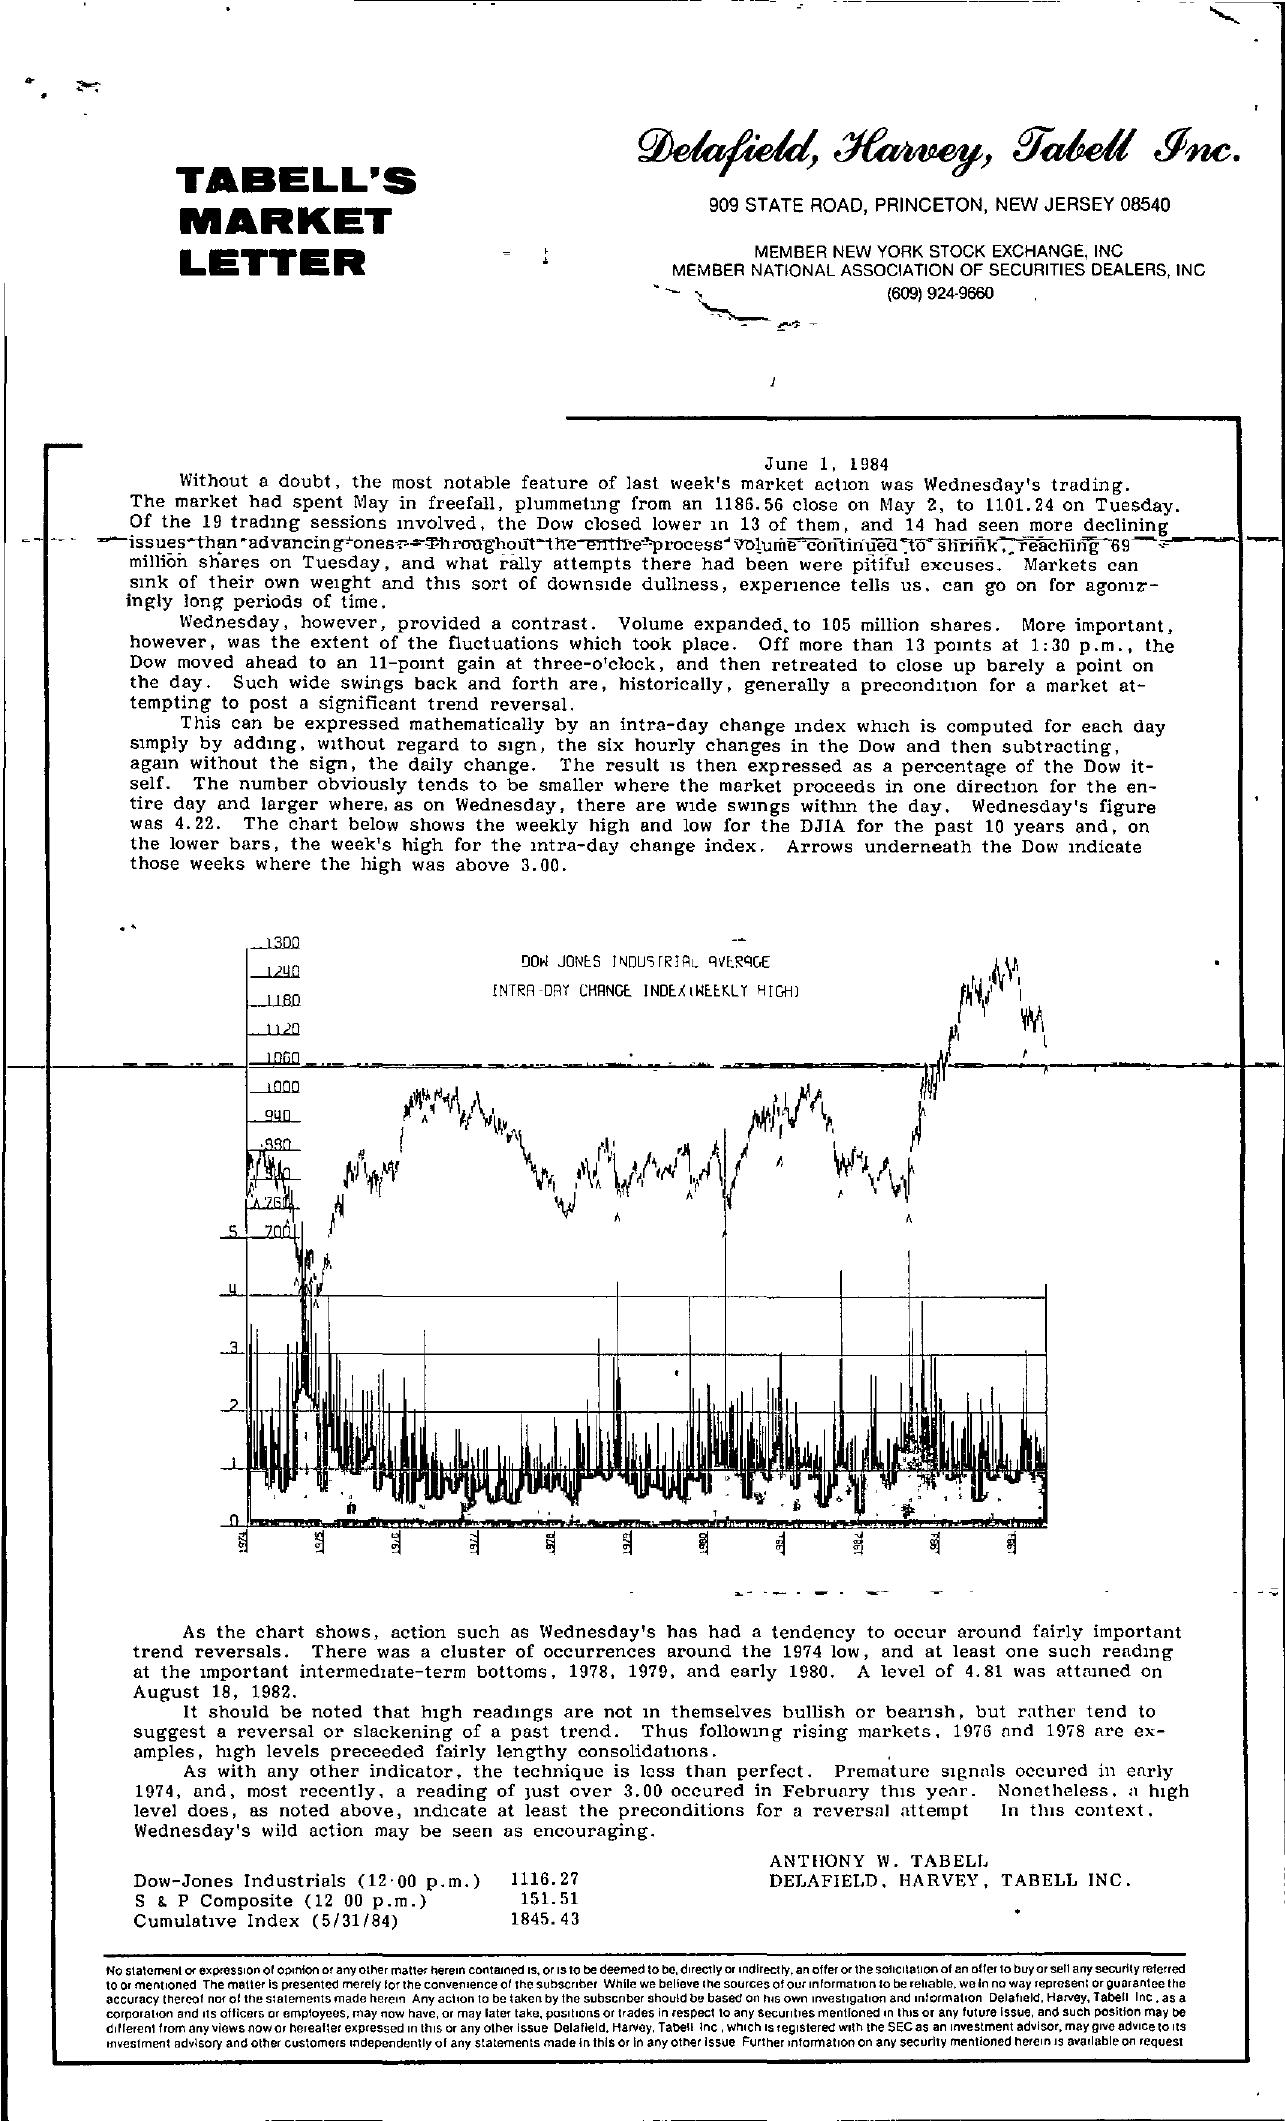 Tabell's Market Letter - June 01, 1984